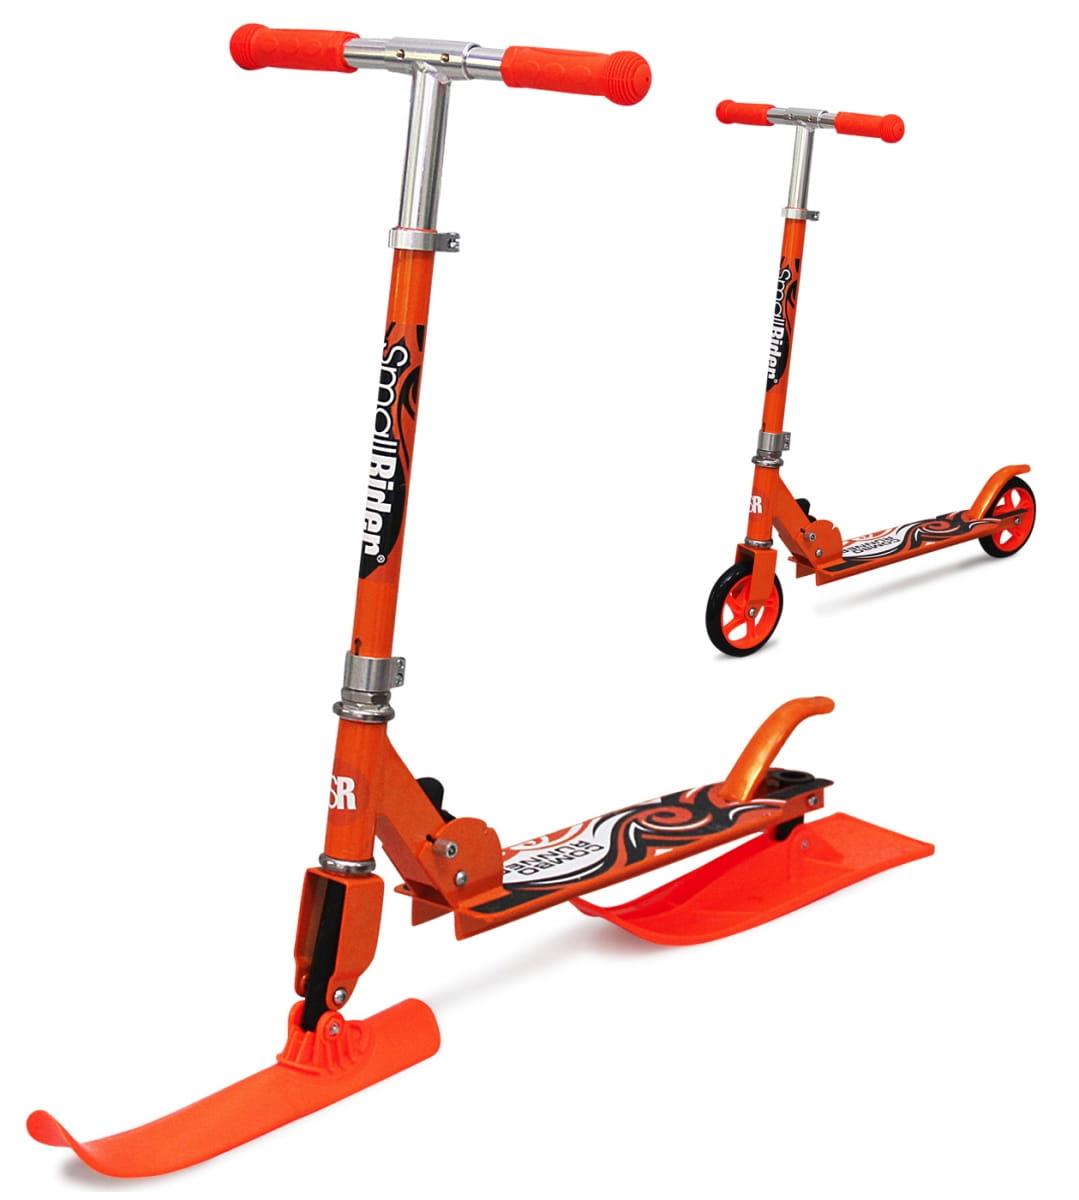 Самокат-снегокат с лыжами и колесами Small Rider Combo Runner 145  оранжевый - Снегокаты и санки